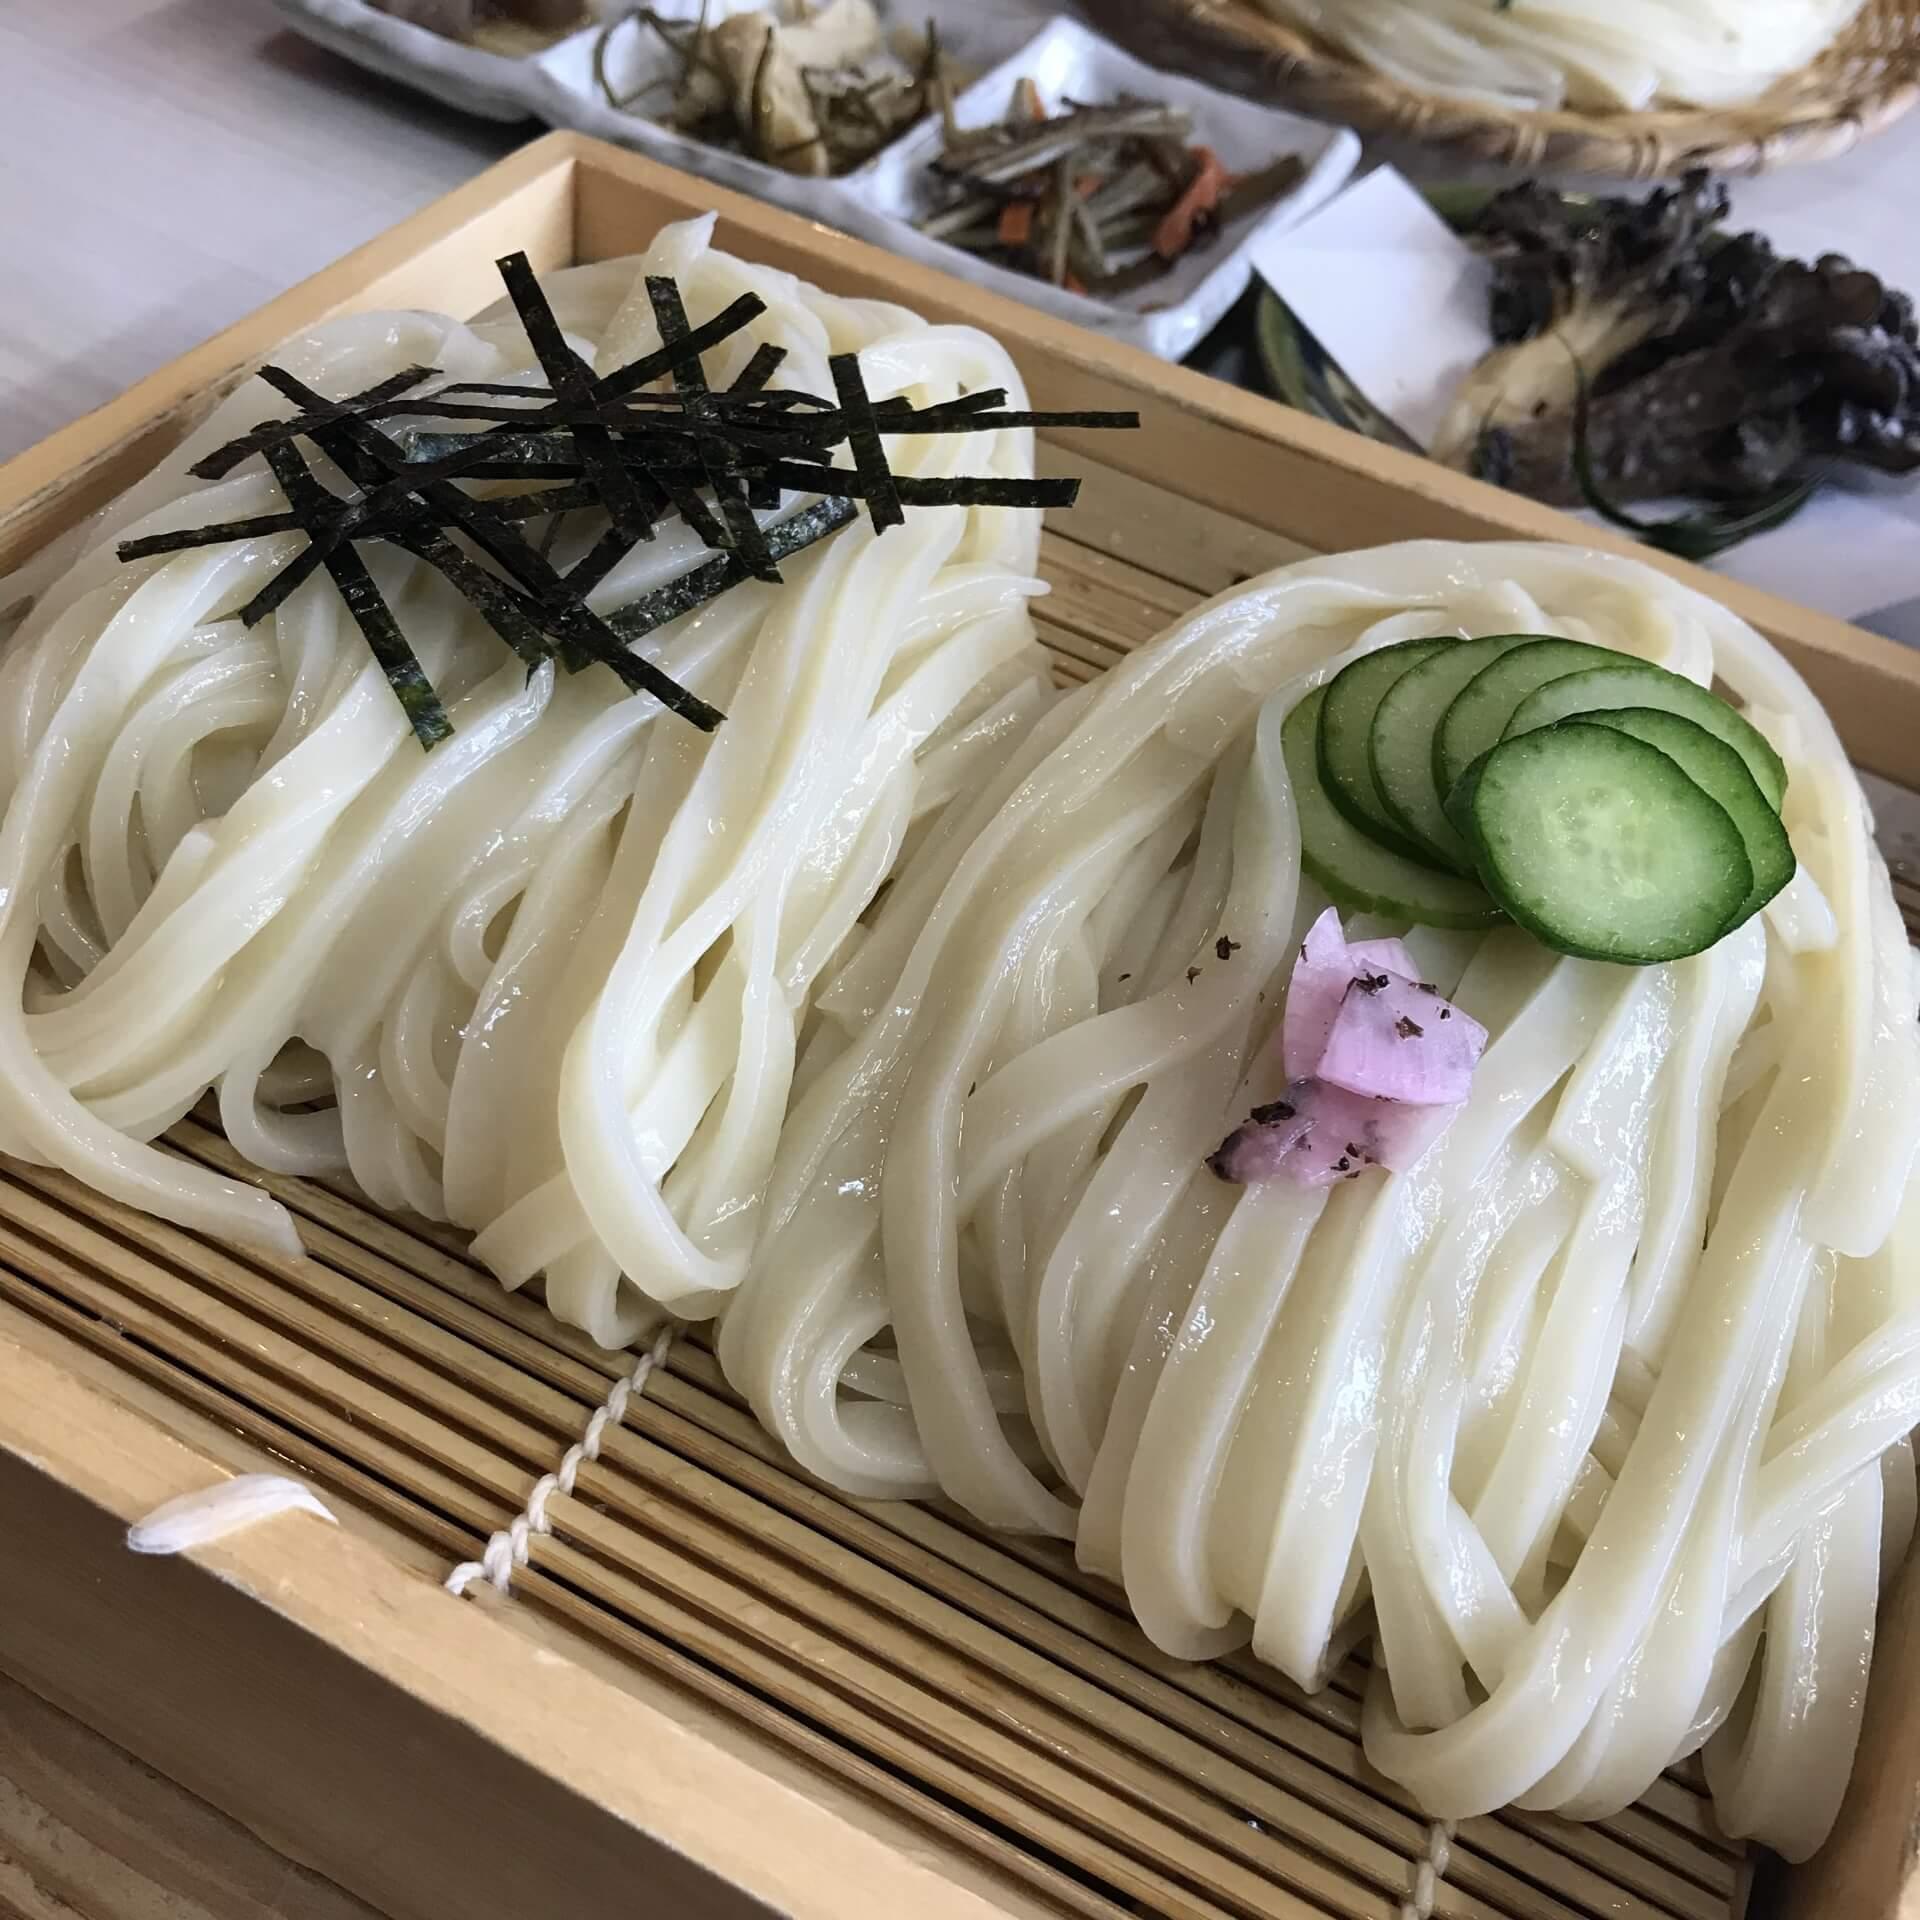 日本三大うどんのひとつ「水沢うどん」の特徴と魅力